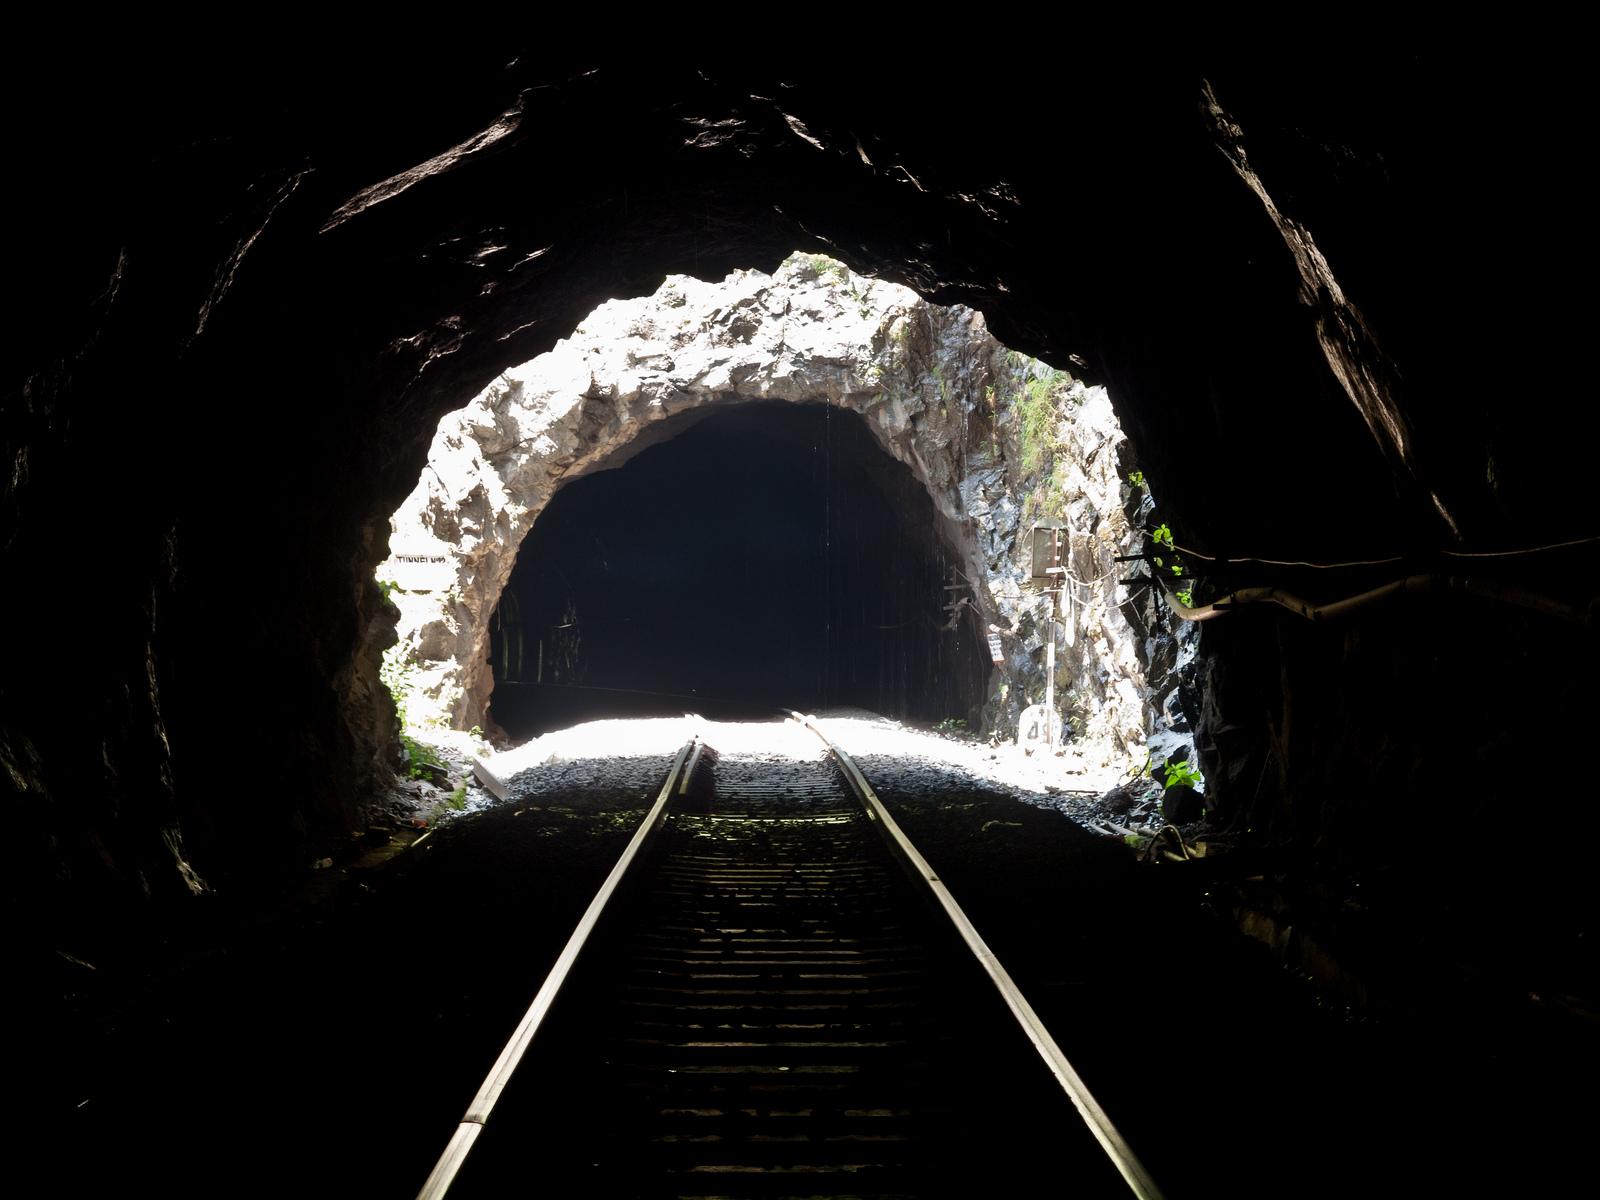 Тоннель железной дороги до водопада Дудхсагар, Индия